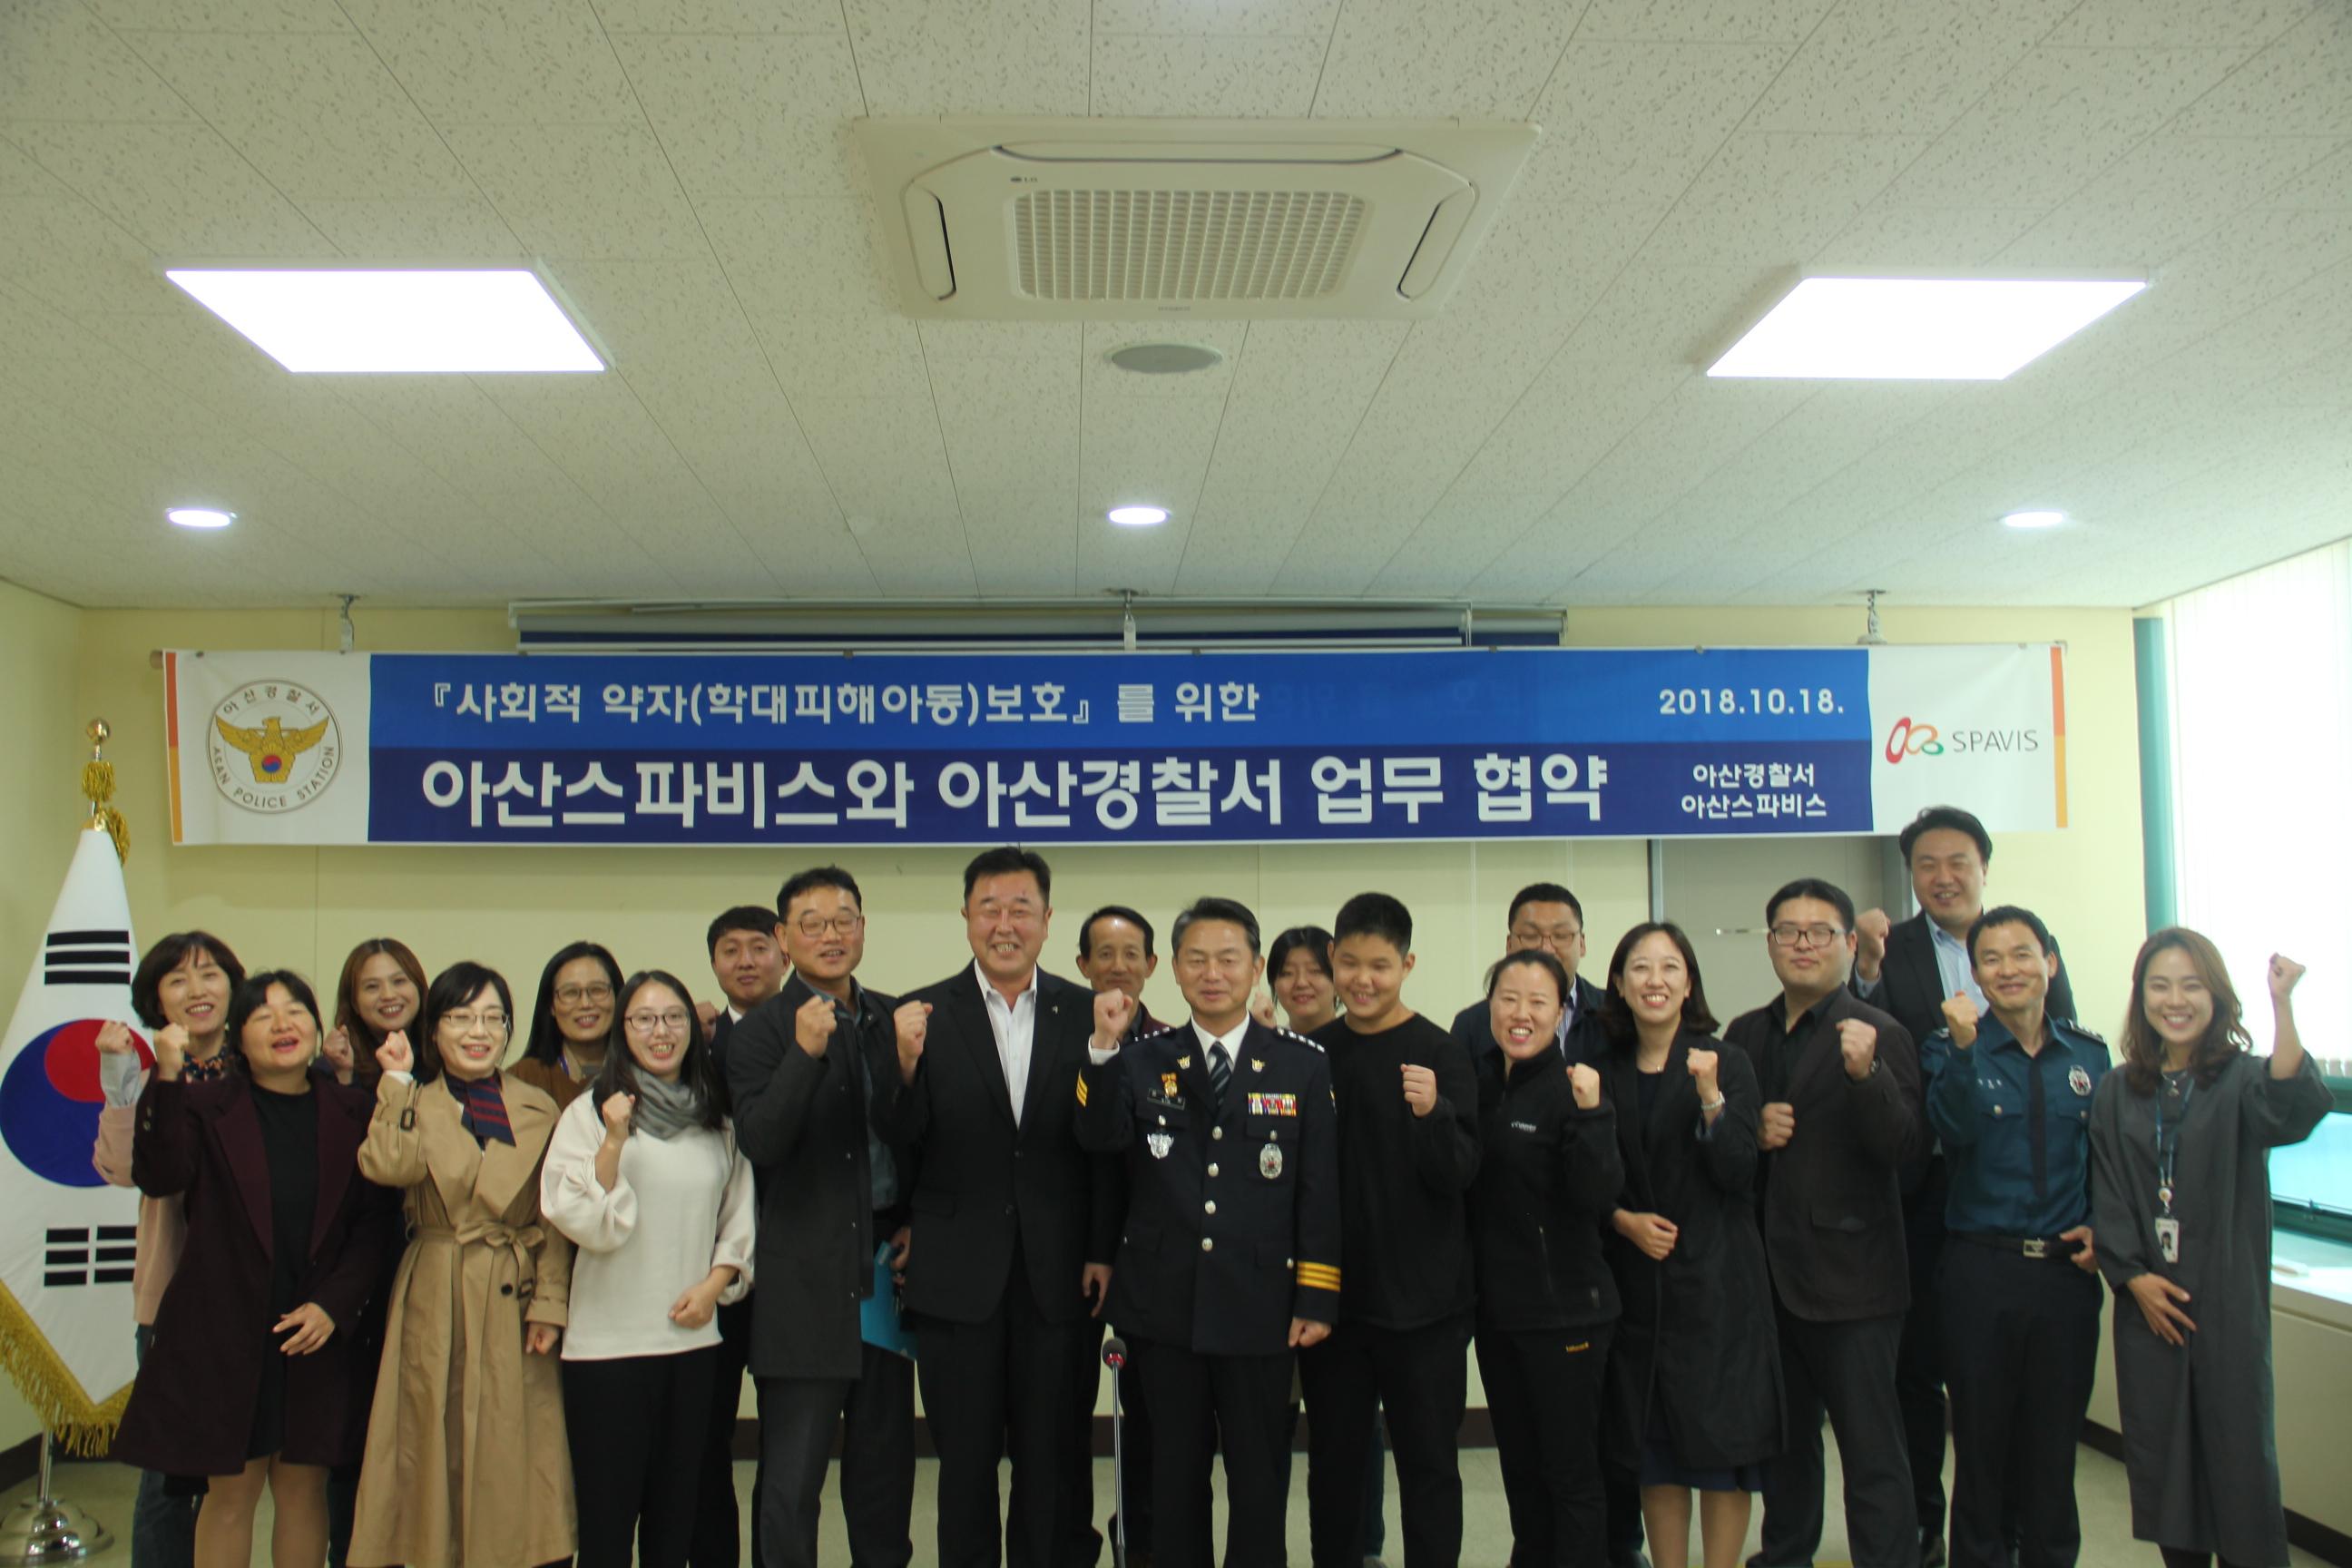 아산서-아산스파비스 업무협약 체결